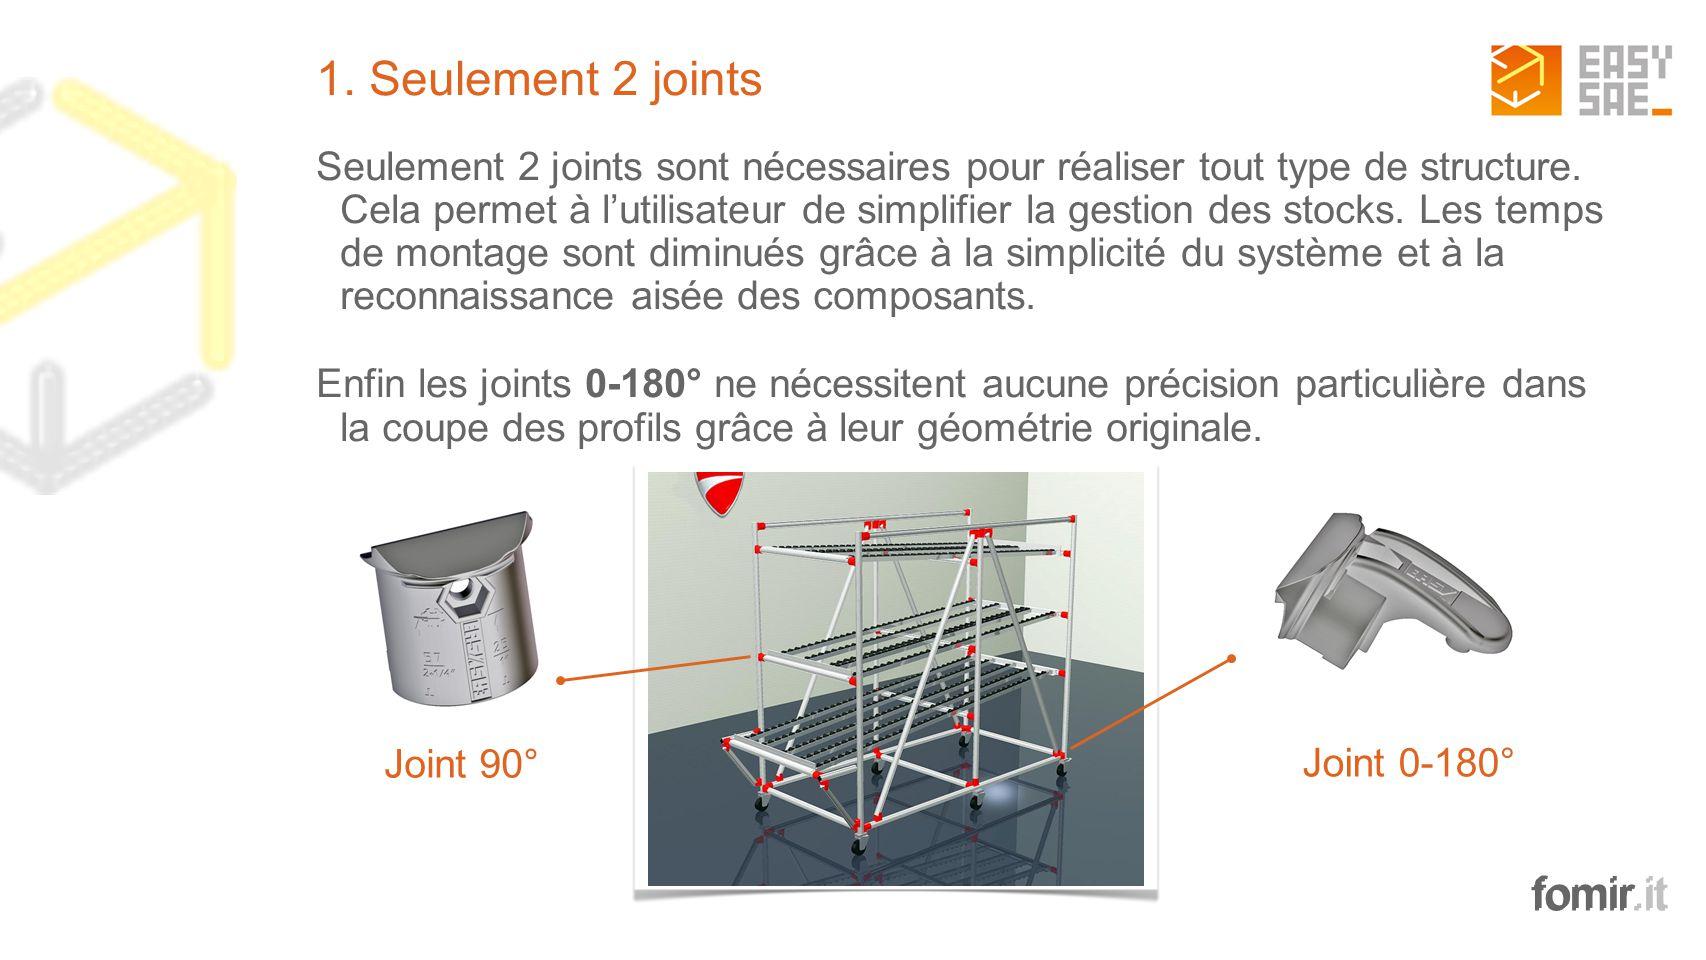 fomir.it 1. Seulement 2 joints Seulement 2 joints sont nécessaires pour réaliser tout type de structure. Cela permet à l'utilisateur de simplifier la